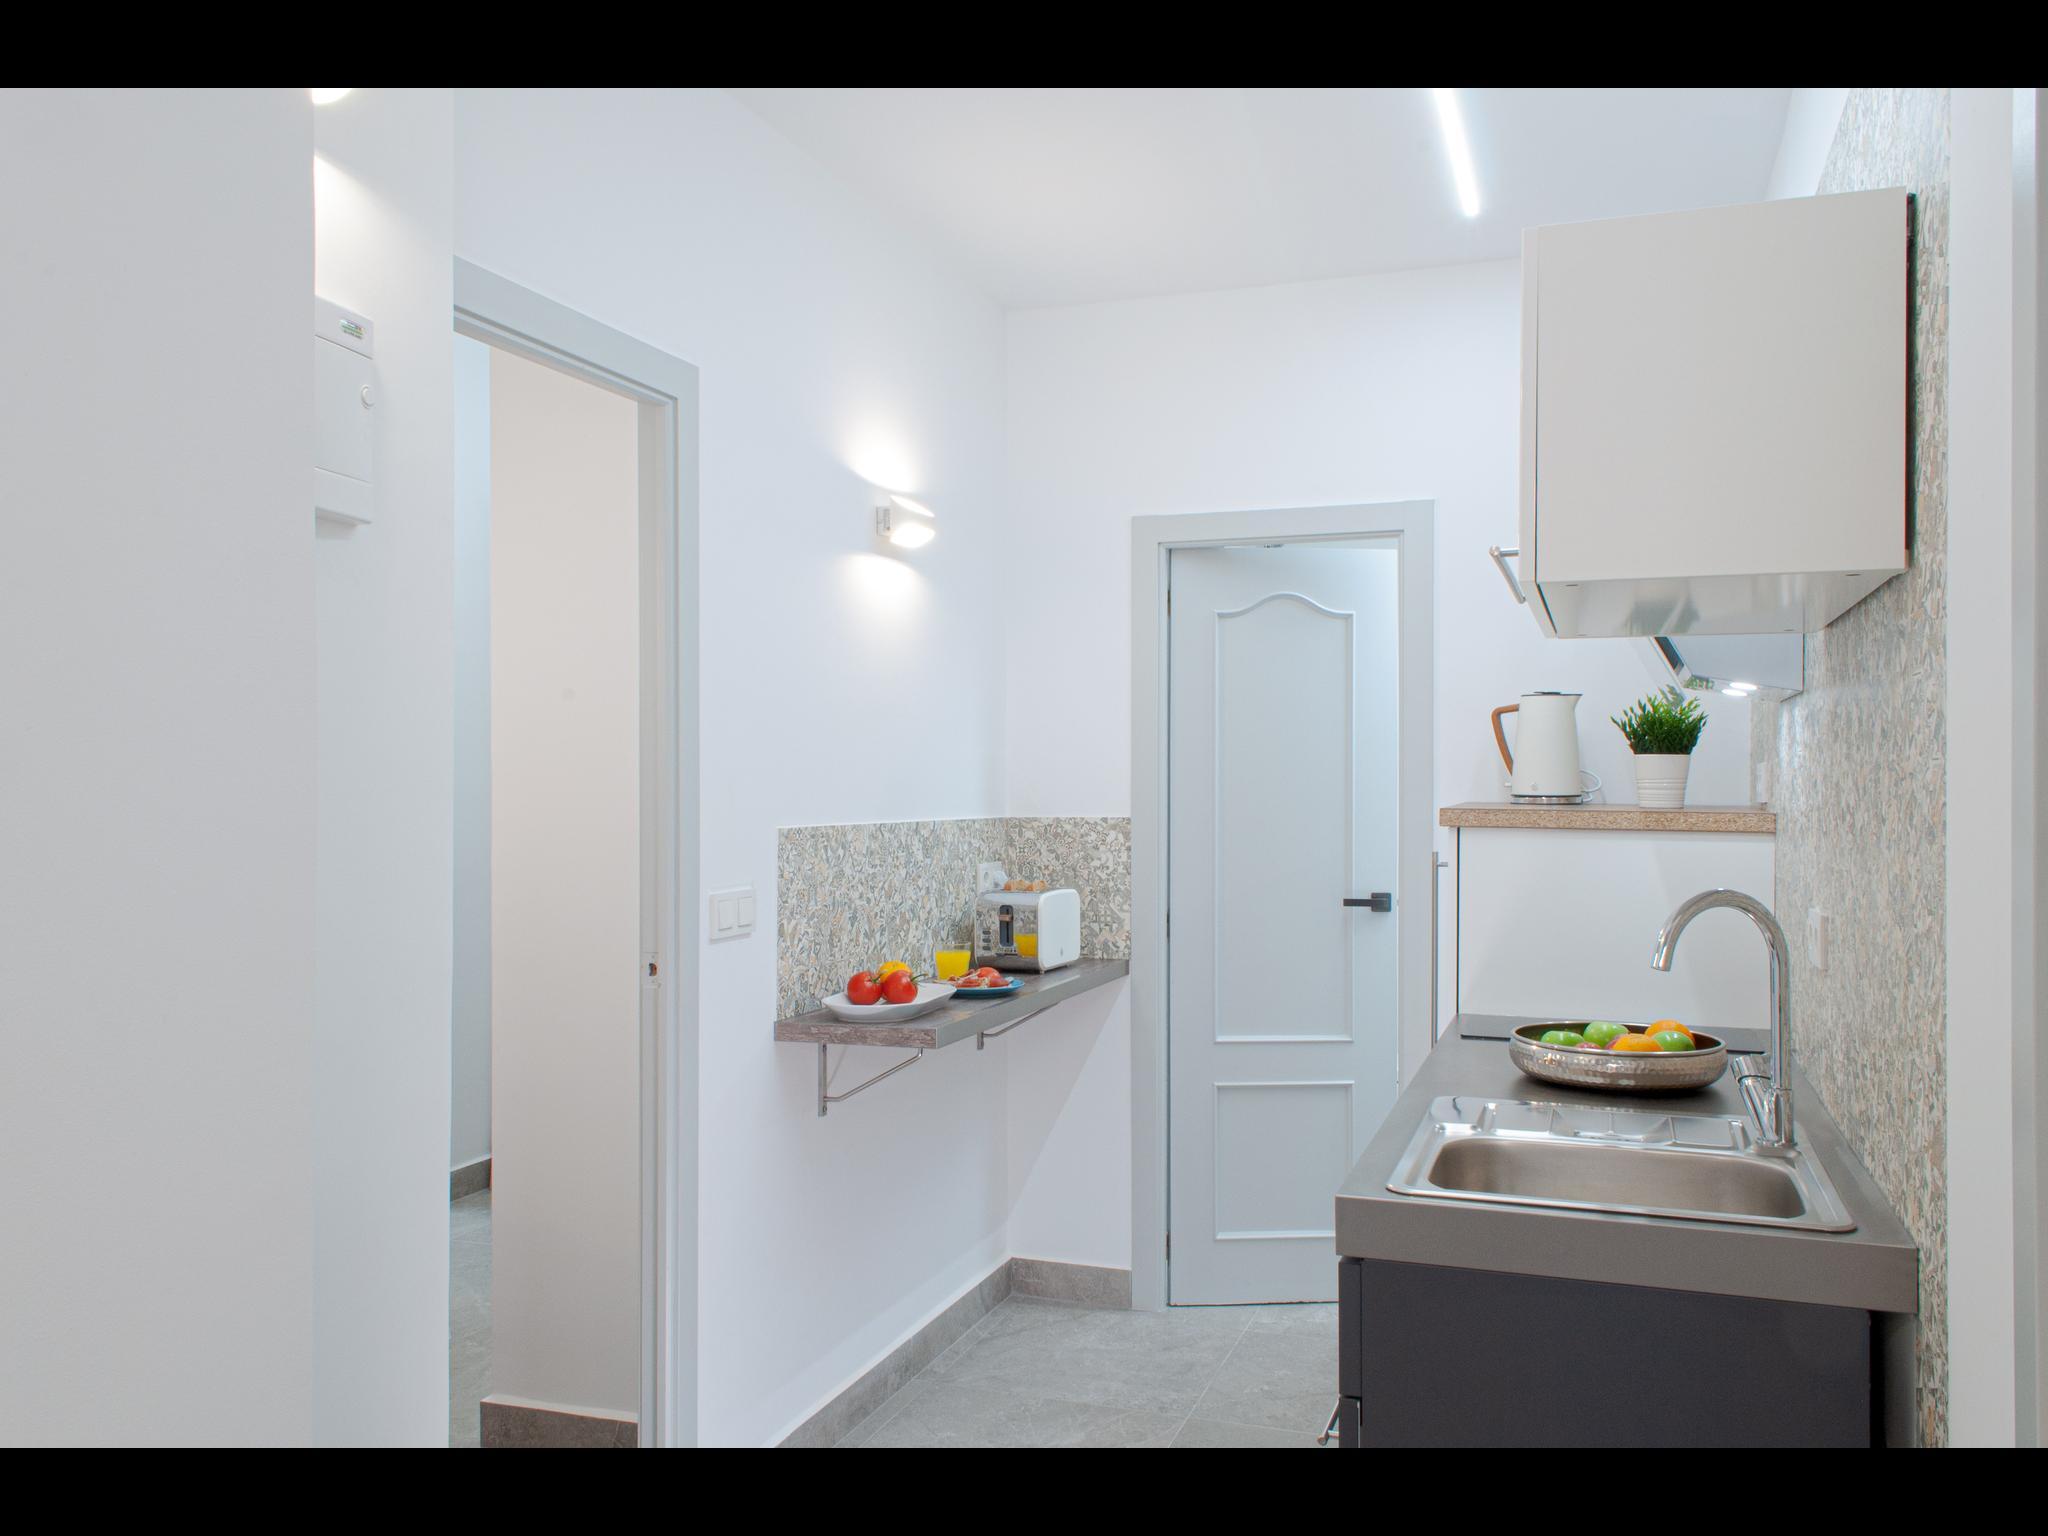 Cisneros - 2 bedroom flat in Alicante